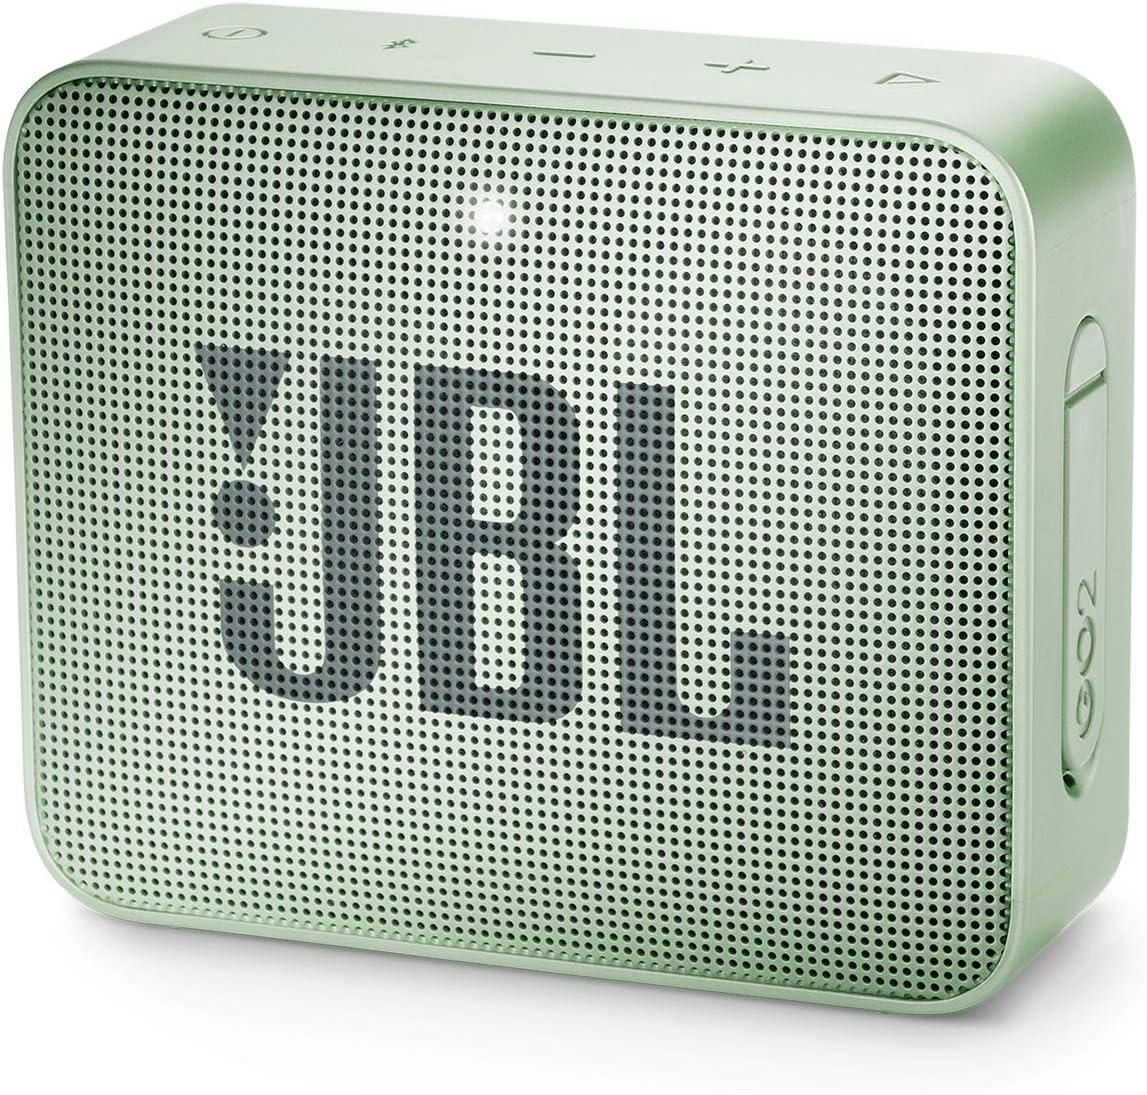 JBL GO2 - Waterproof Ultra Portable Bluetooth Speaker - Mint